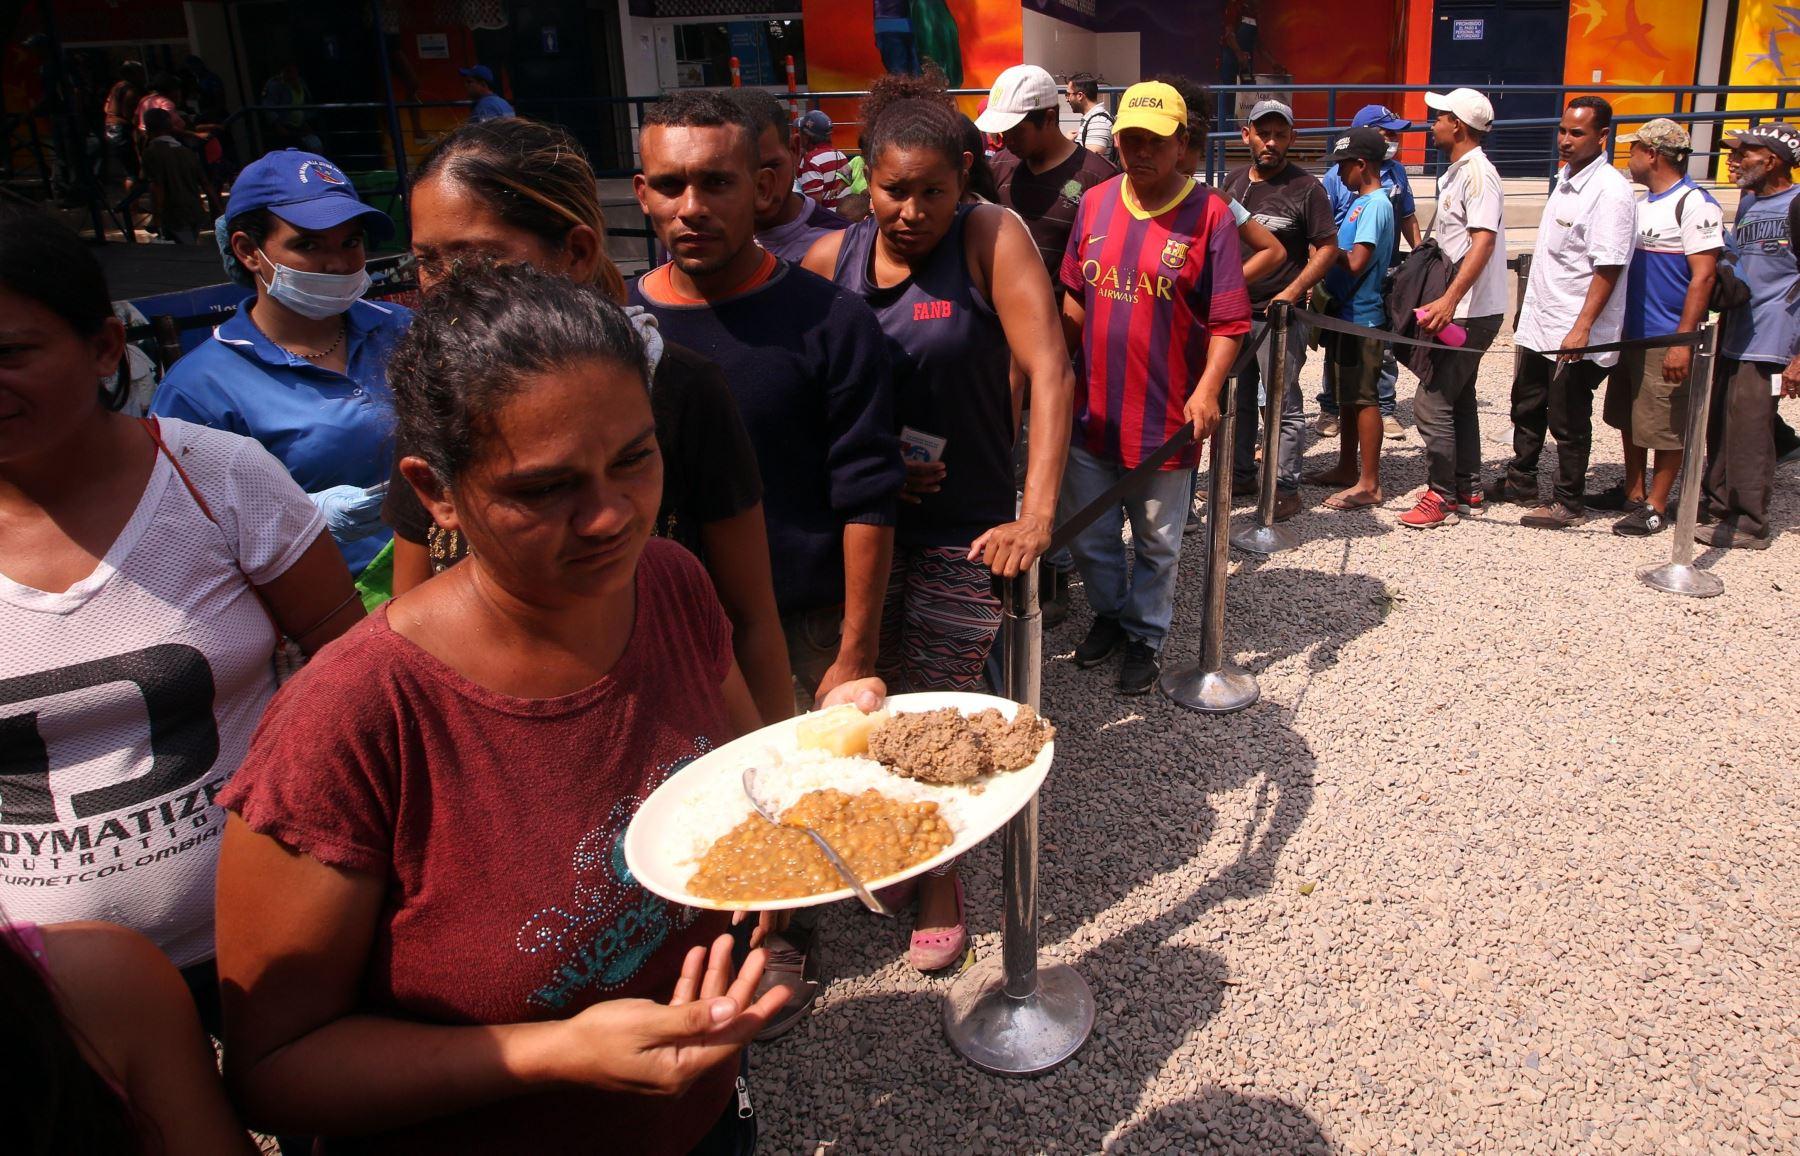 Ciudadanos venezolanos hacen fila para recibir una ración de comida en el comedor Divina Providencia, en Cúcuta (Colombia).  EFE